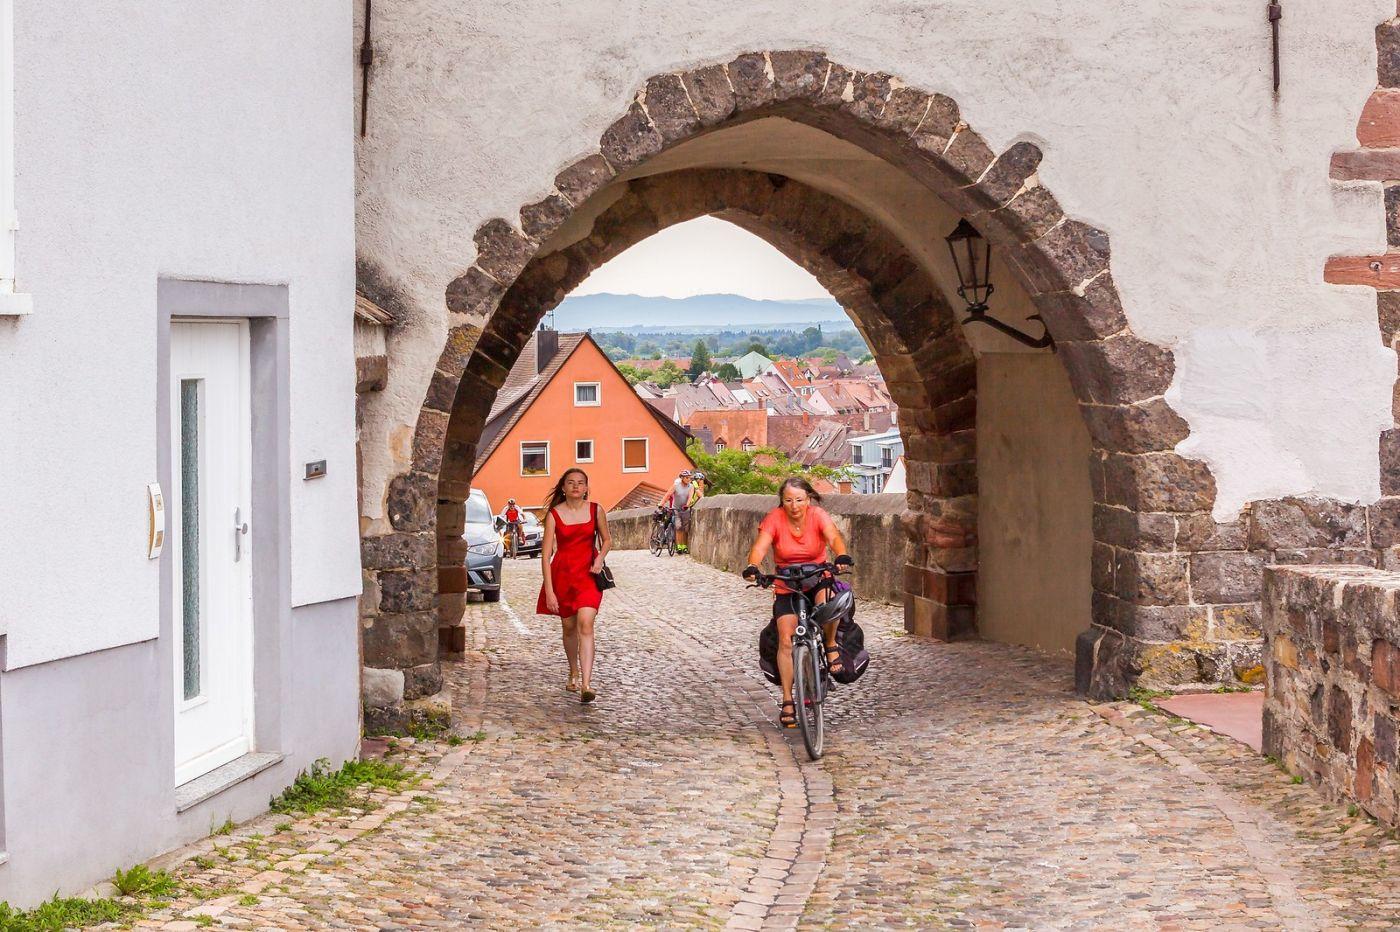 德国布赖萨赫(Breisach),城小历史久_图1-20